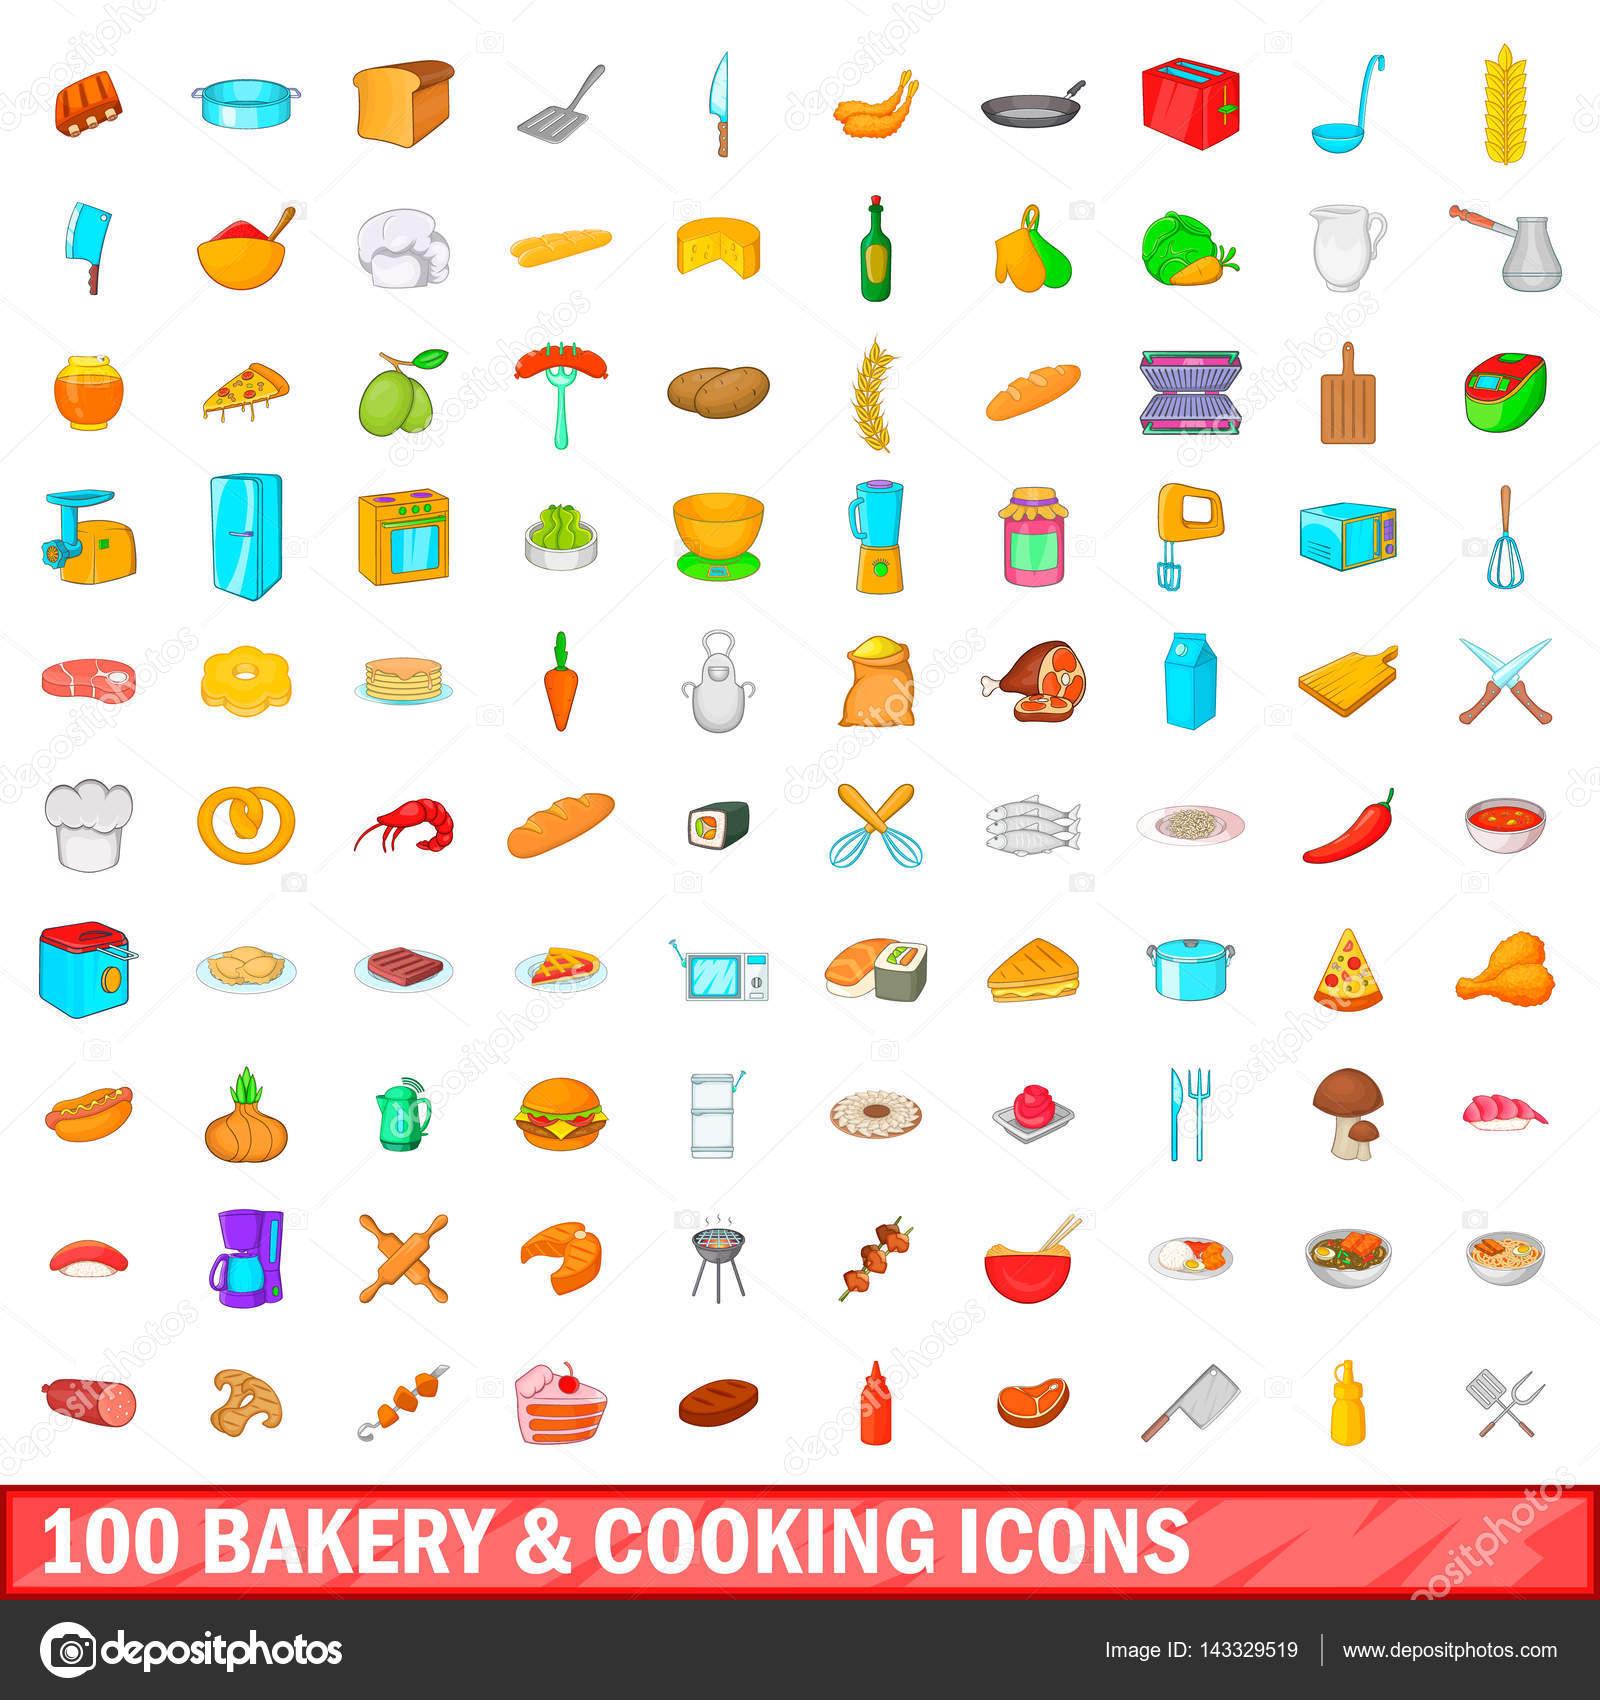 100 面包店和烹饪图标设置在任何设计矢量图的卡通风格